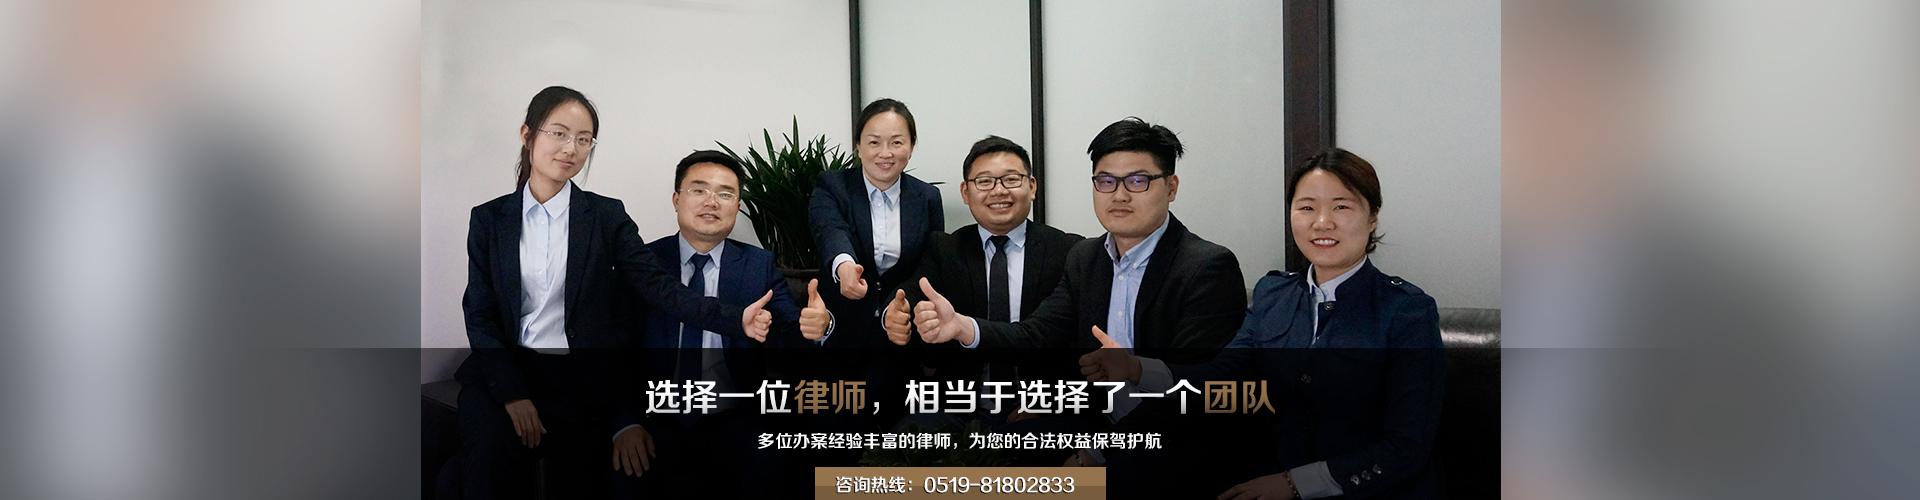 江苏敏敦律师事务所